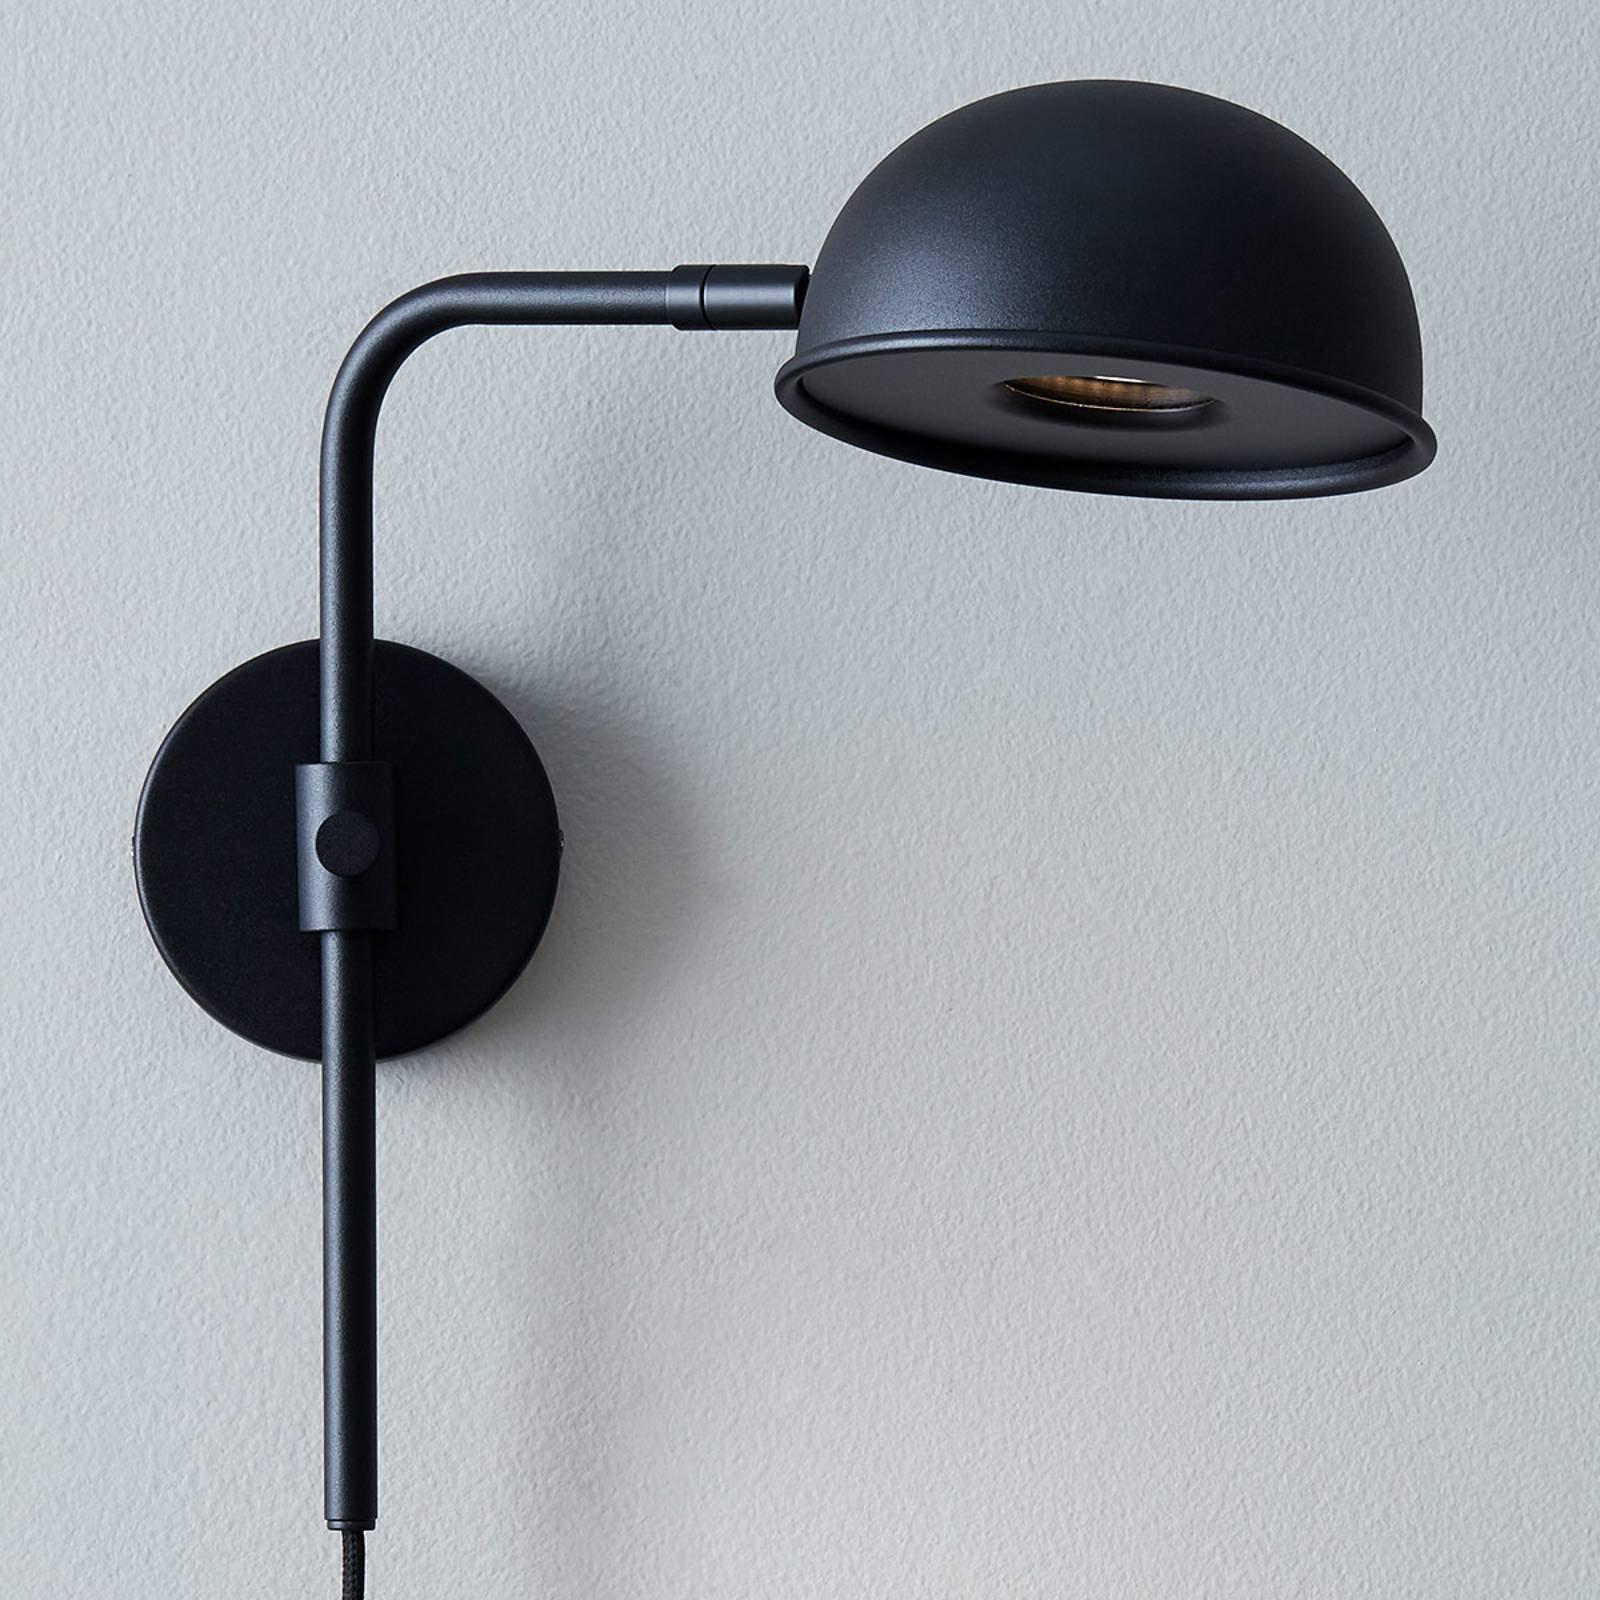 LED-vegglampe Bolero med dimmer, svart